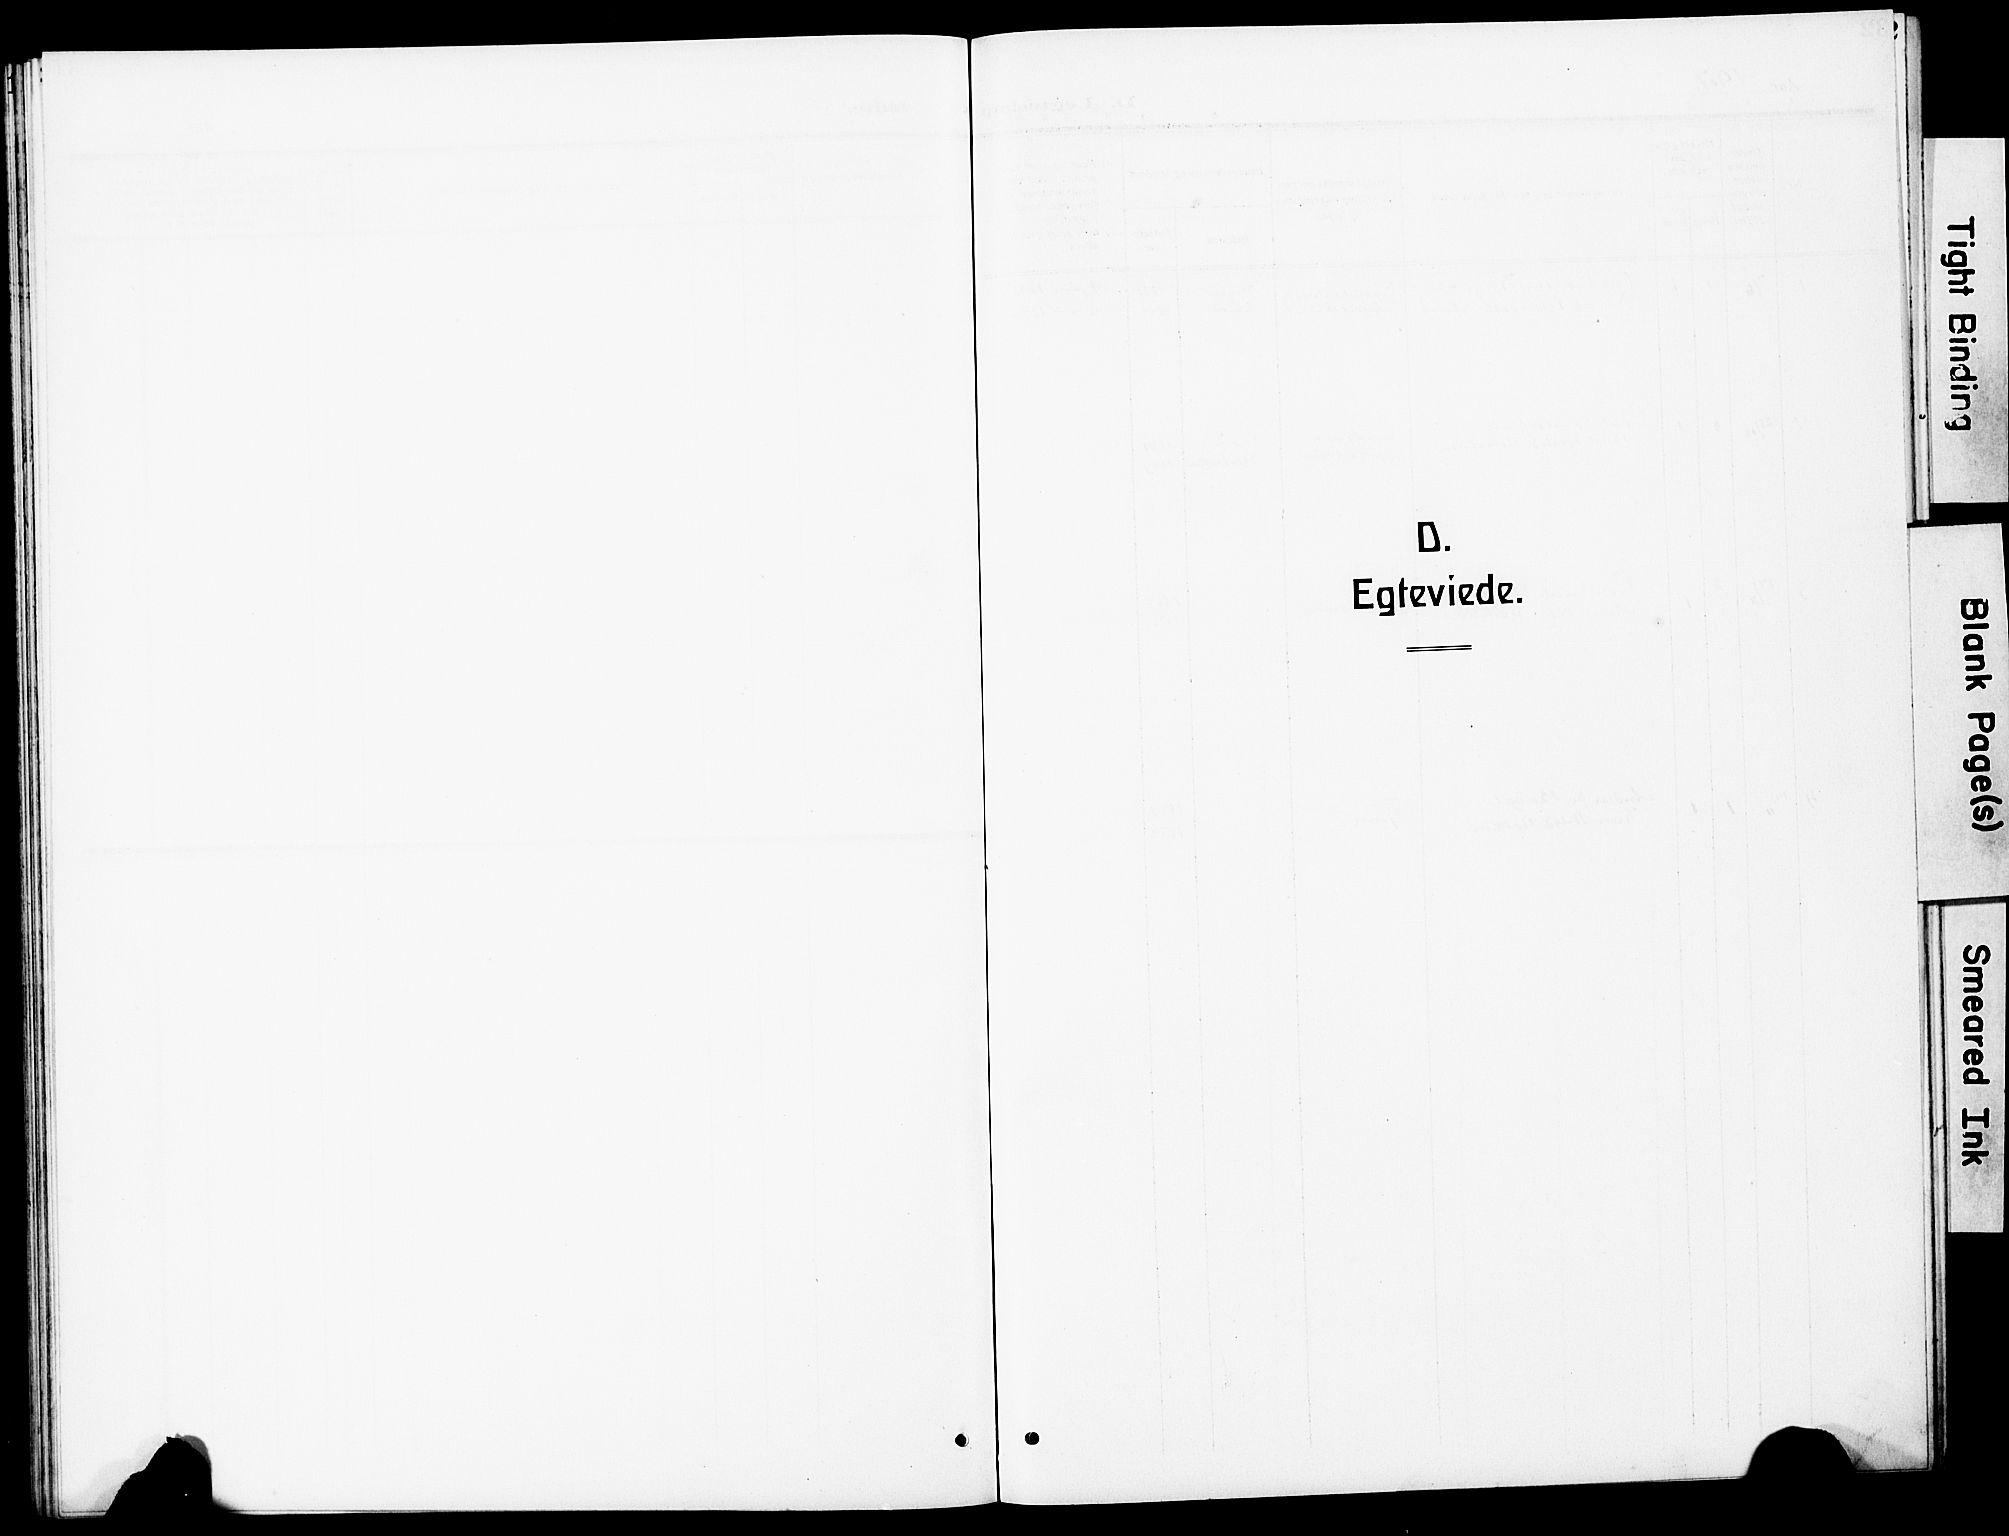 SAT, Ministerialprotokoller, klokkerbøker og fødselsregistre - Sør-Trøndelag, 690/L1052: Klokkerbok nr. 690C02, 1907-1929